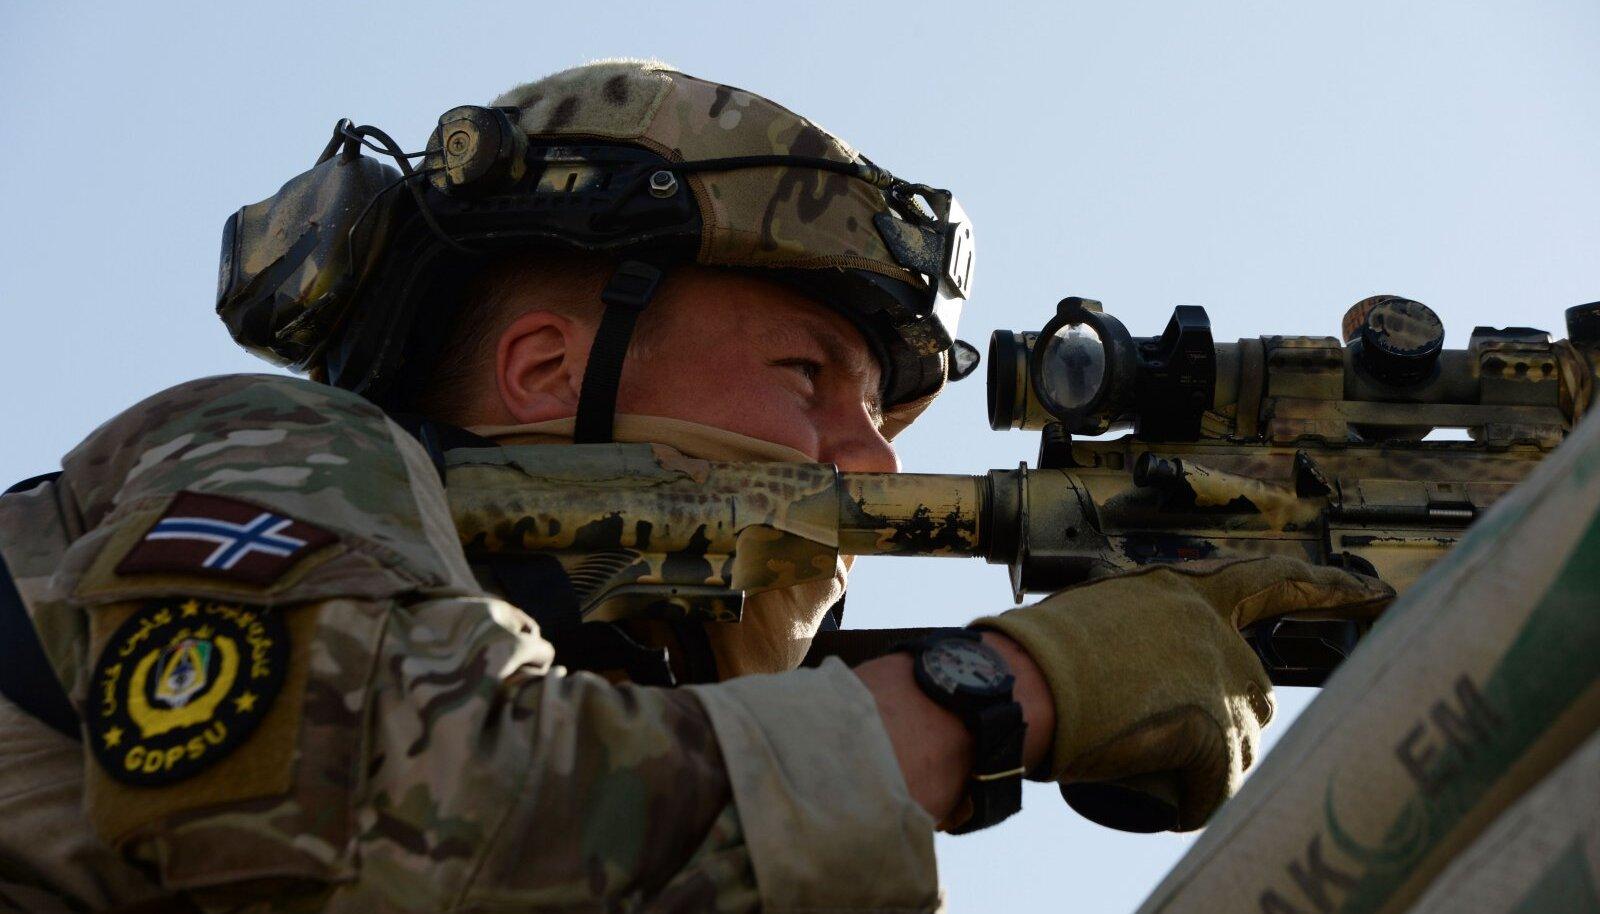 Norra sõdur Afganistanis, 2013